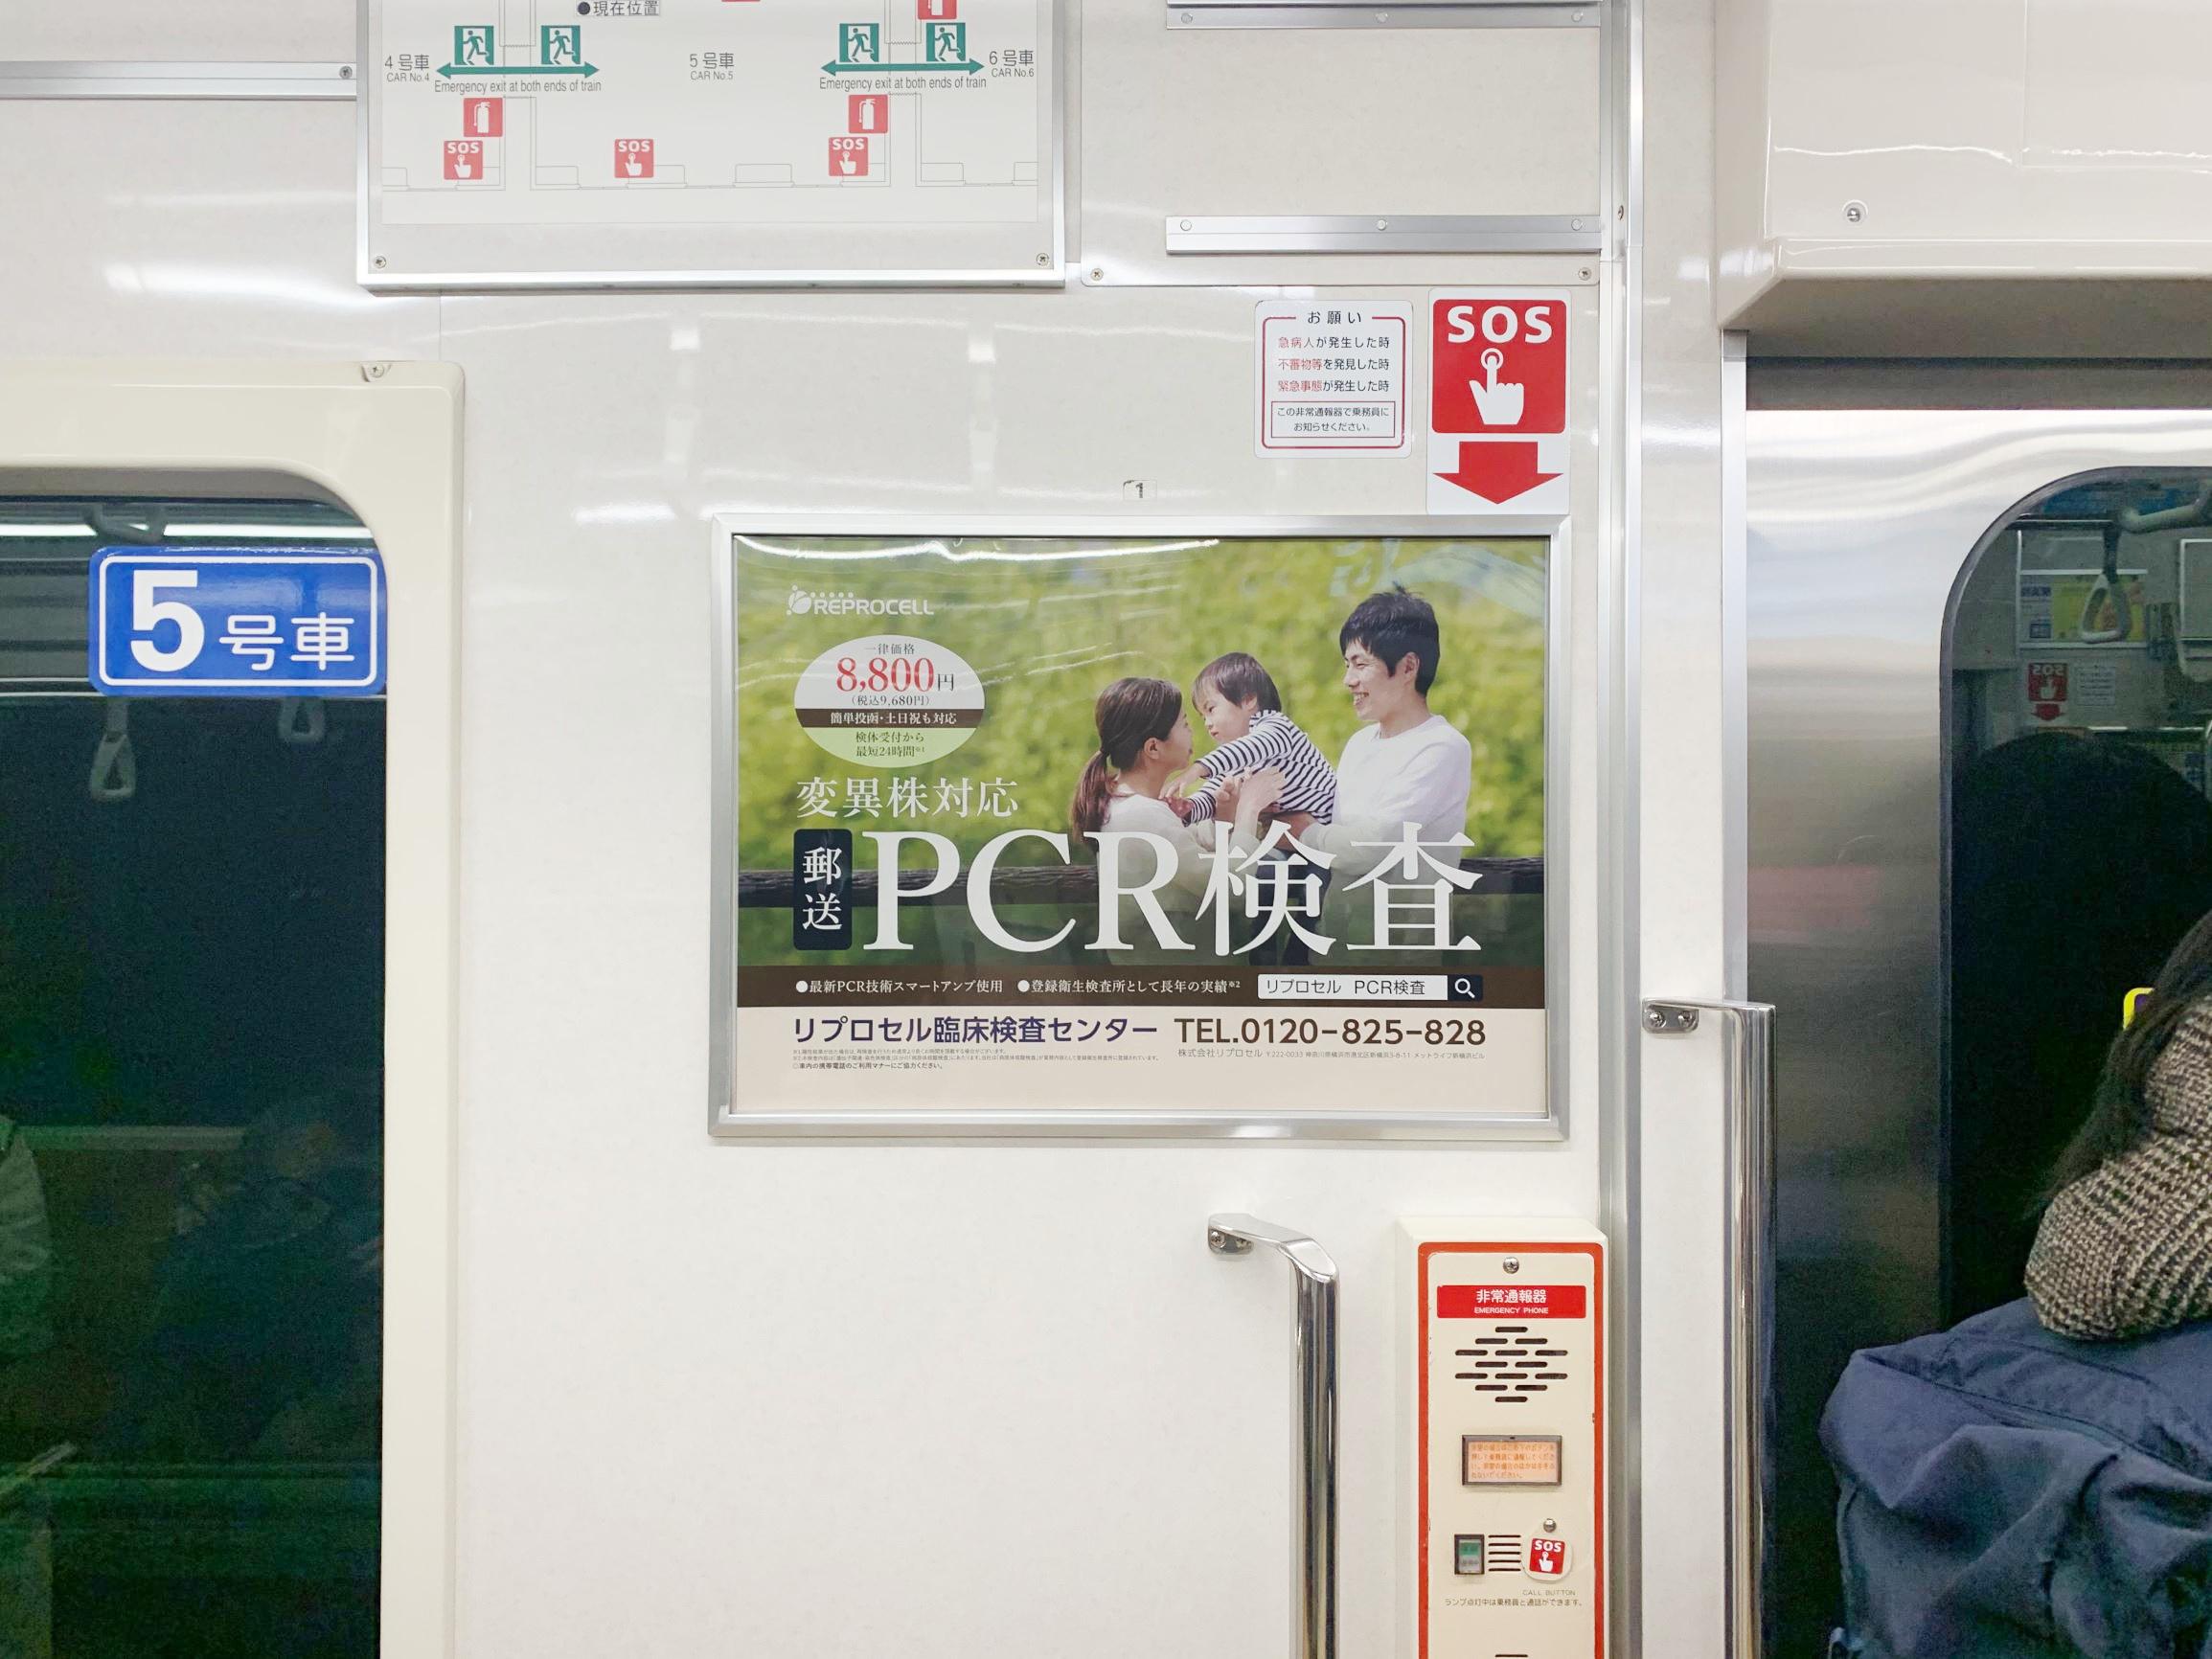 横浜市営地下鉄ブルーライン ドア横ポスター